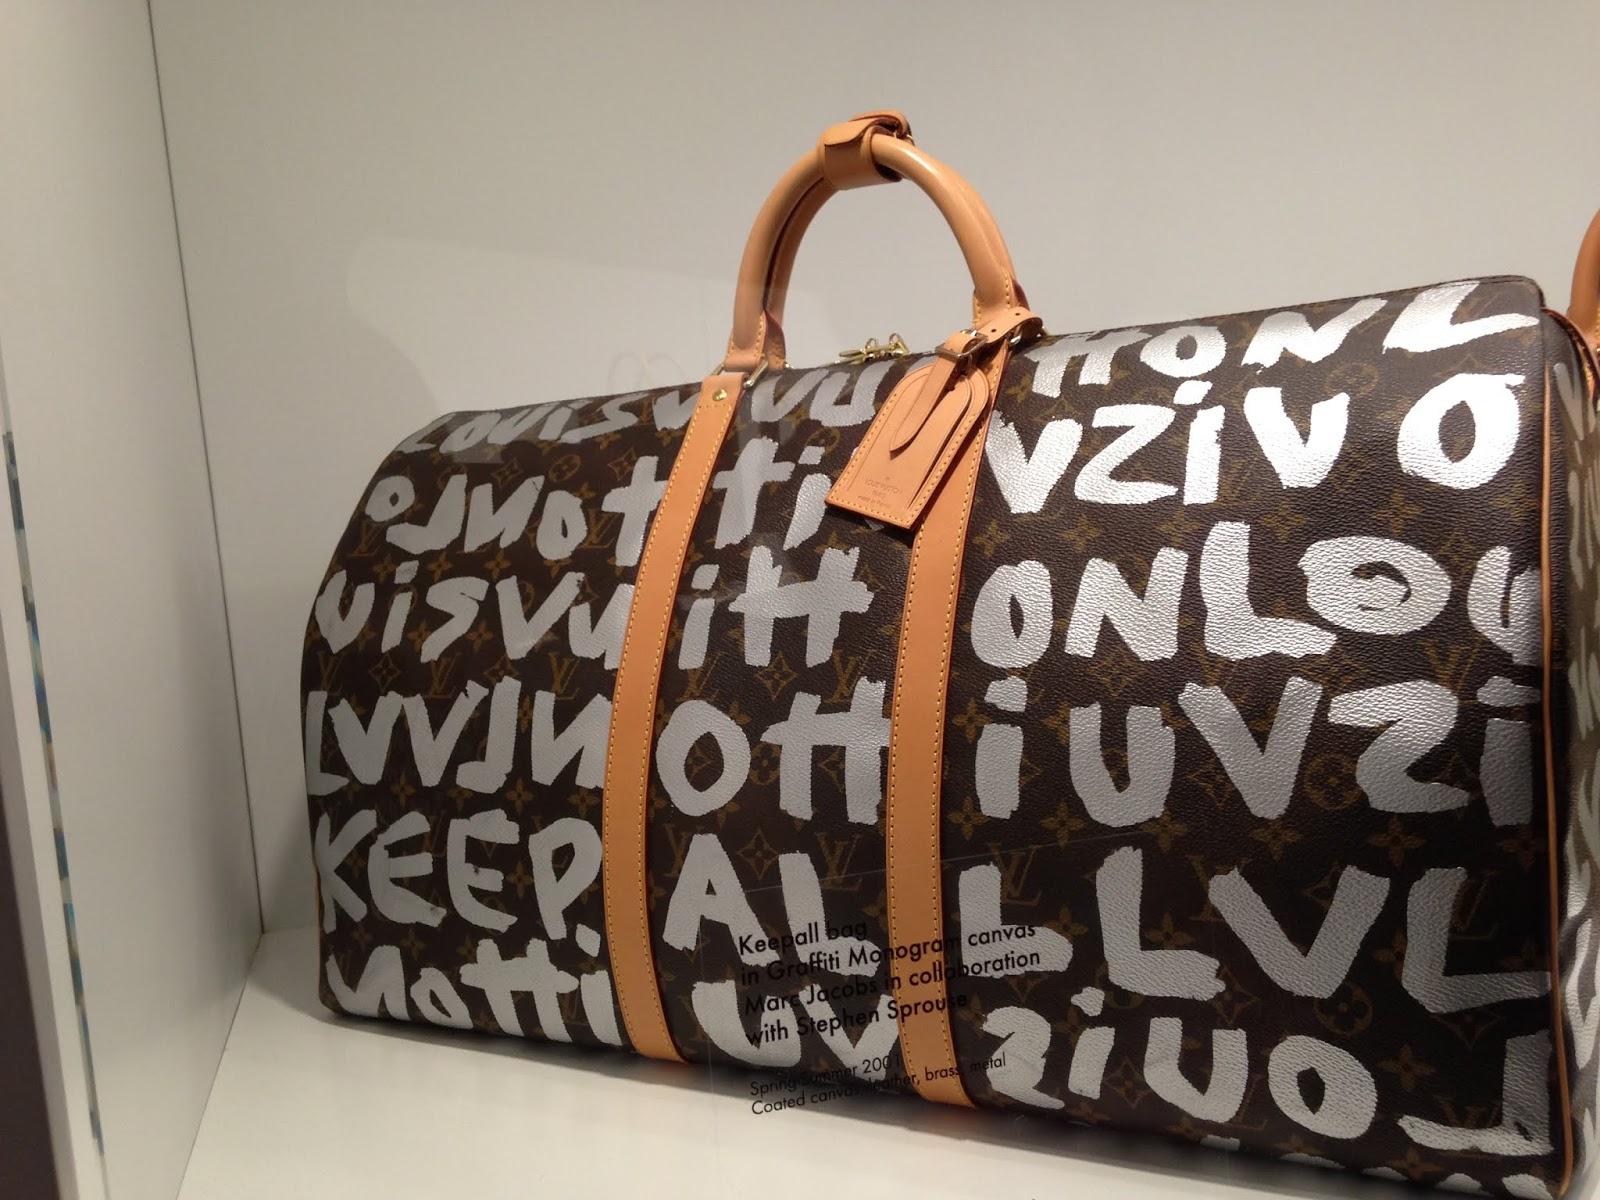 0e7955115f71 Например, сумка-футбольный мяч, уникальный чехол для музыкального  инструмента, косметичка-сумка и дорожная аптечка, платки-каре, сумки, с  принтами шедевров ...